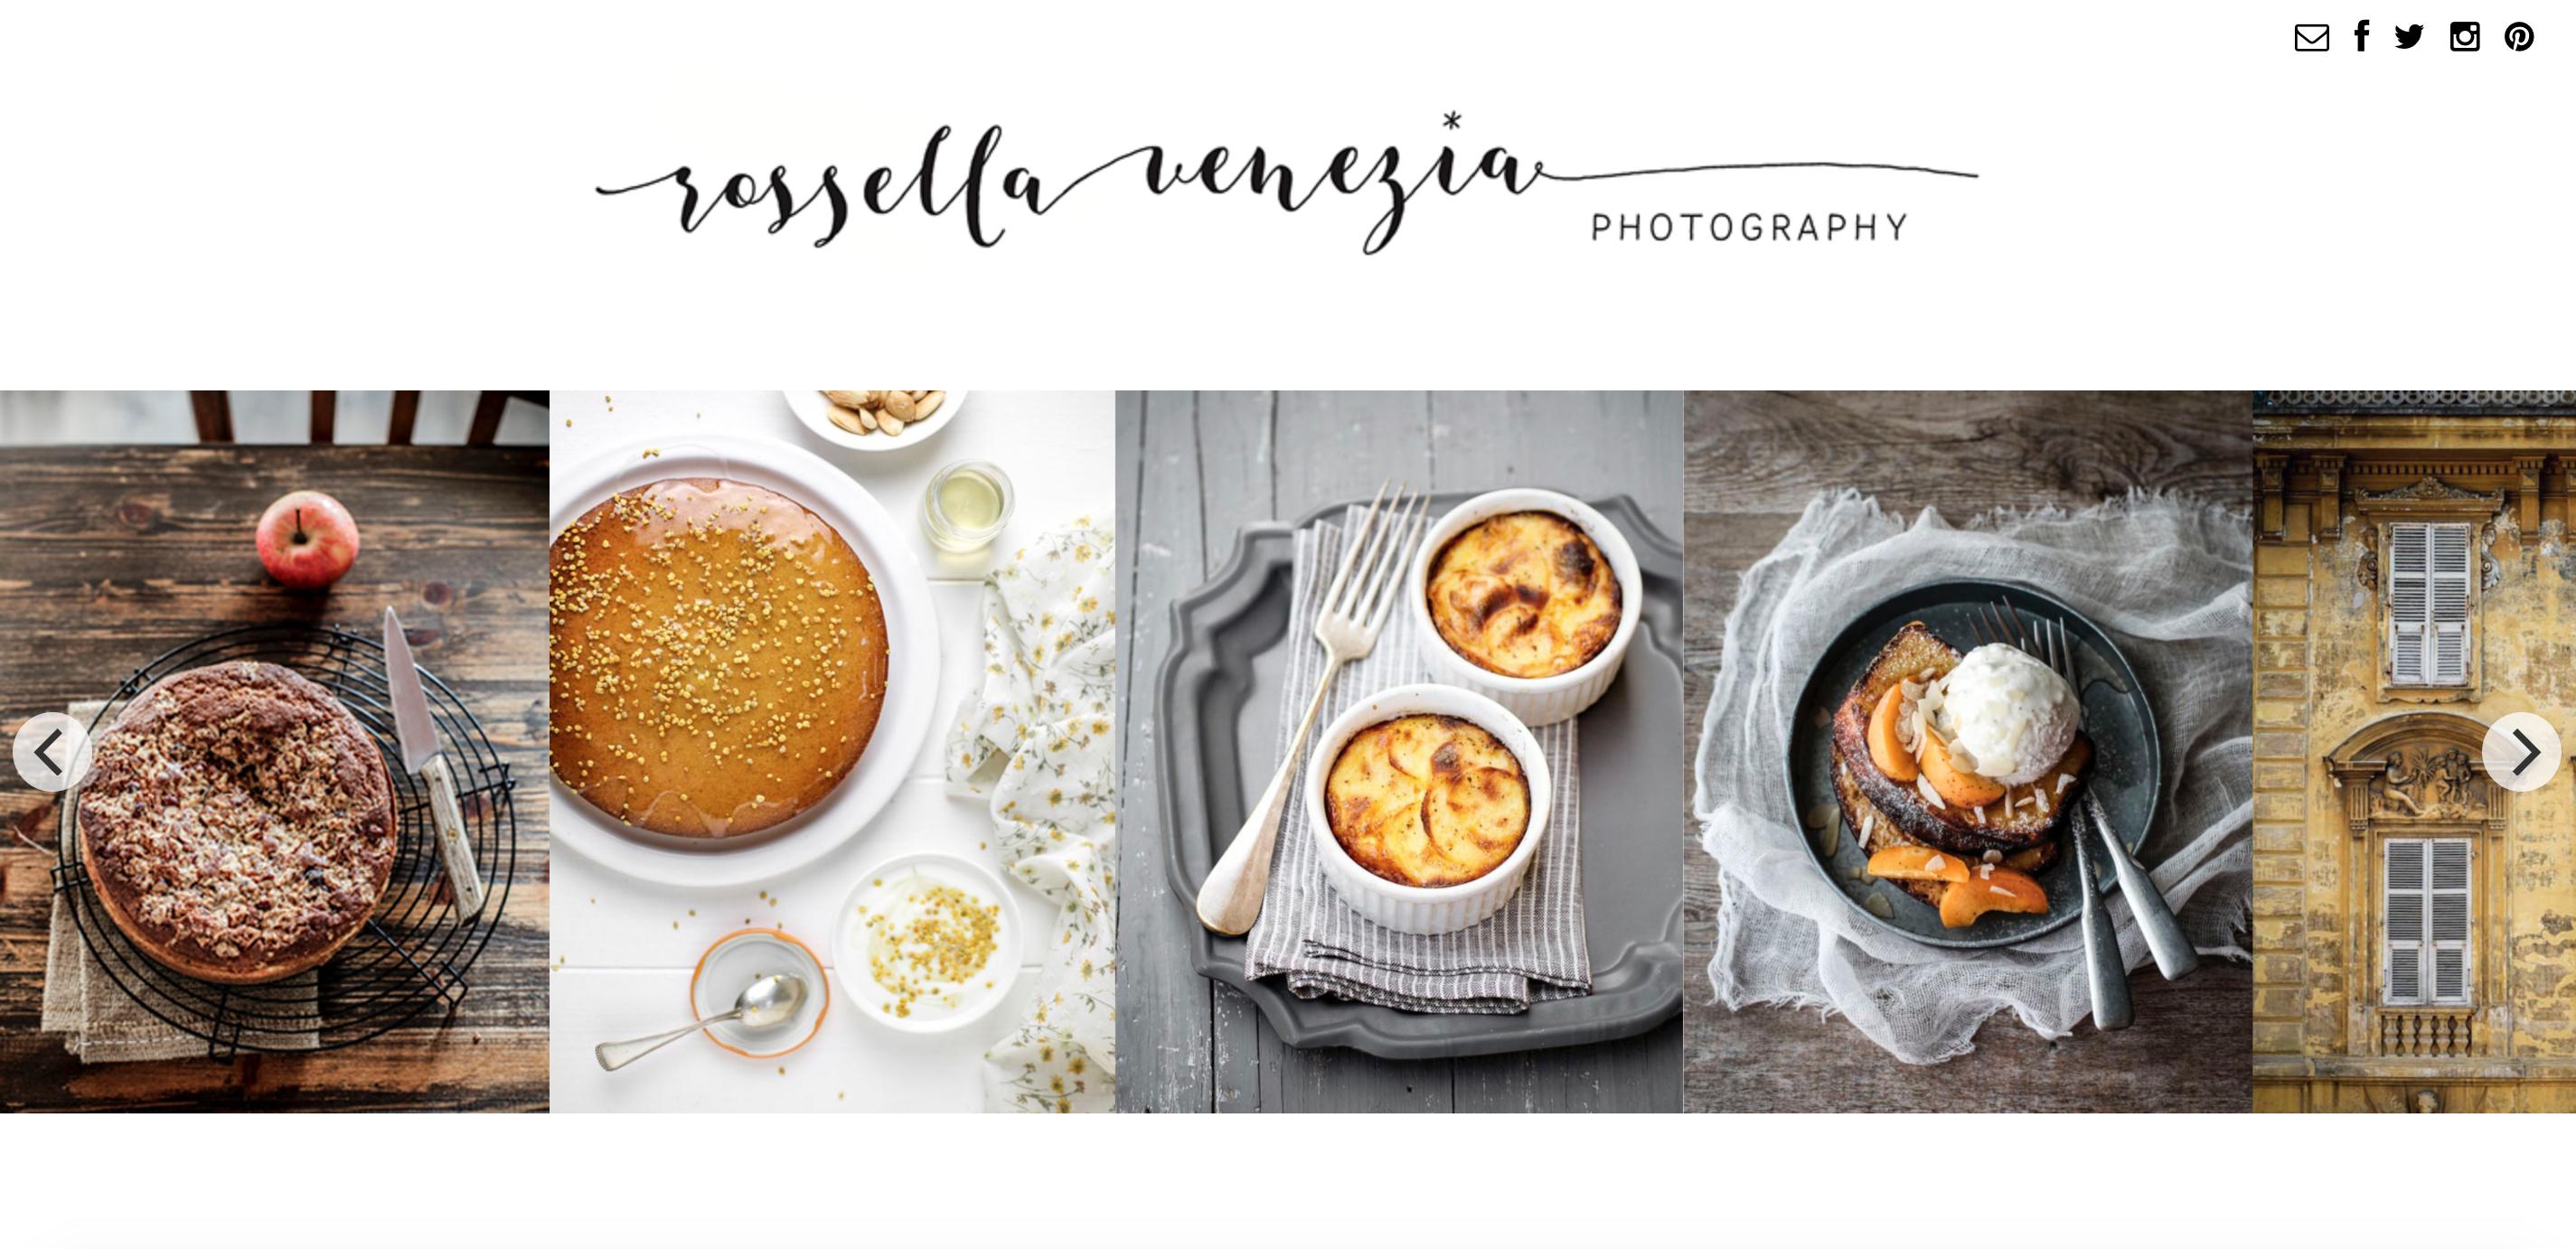 Rossella Venezia photography